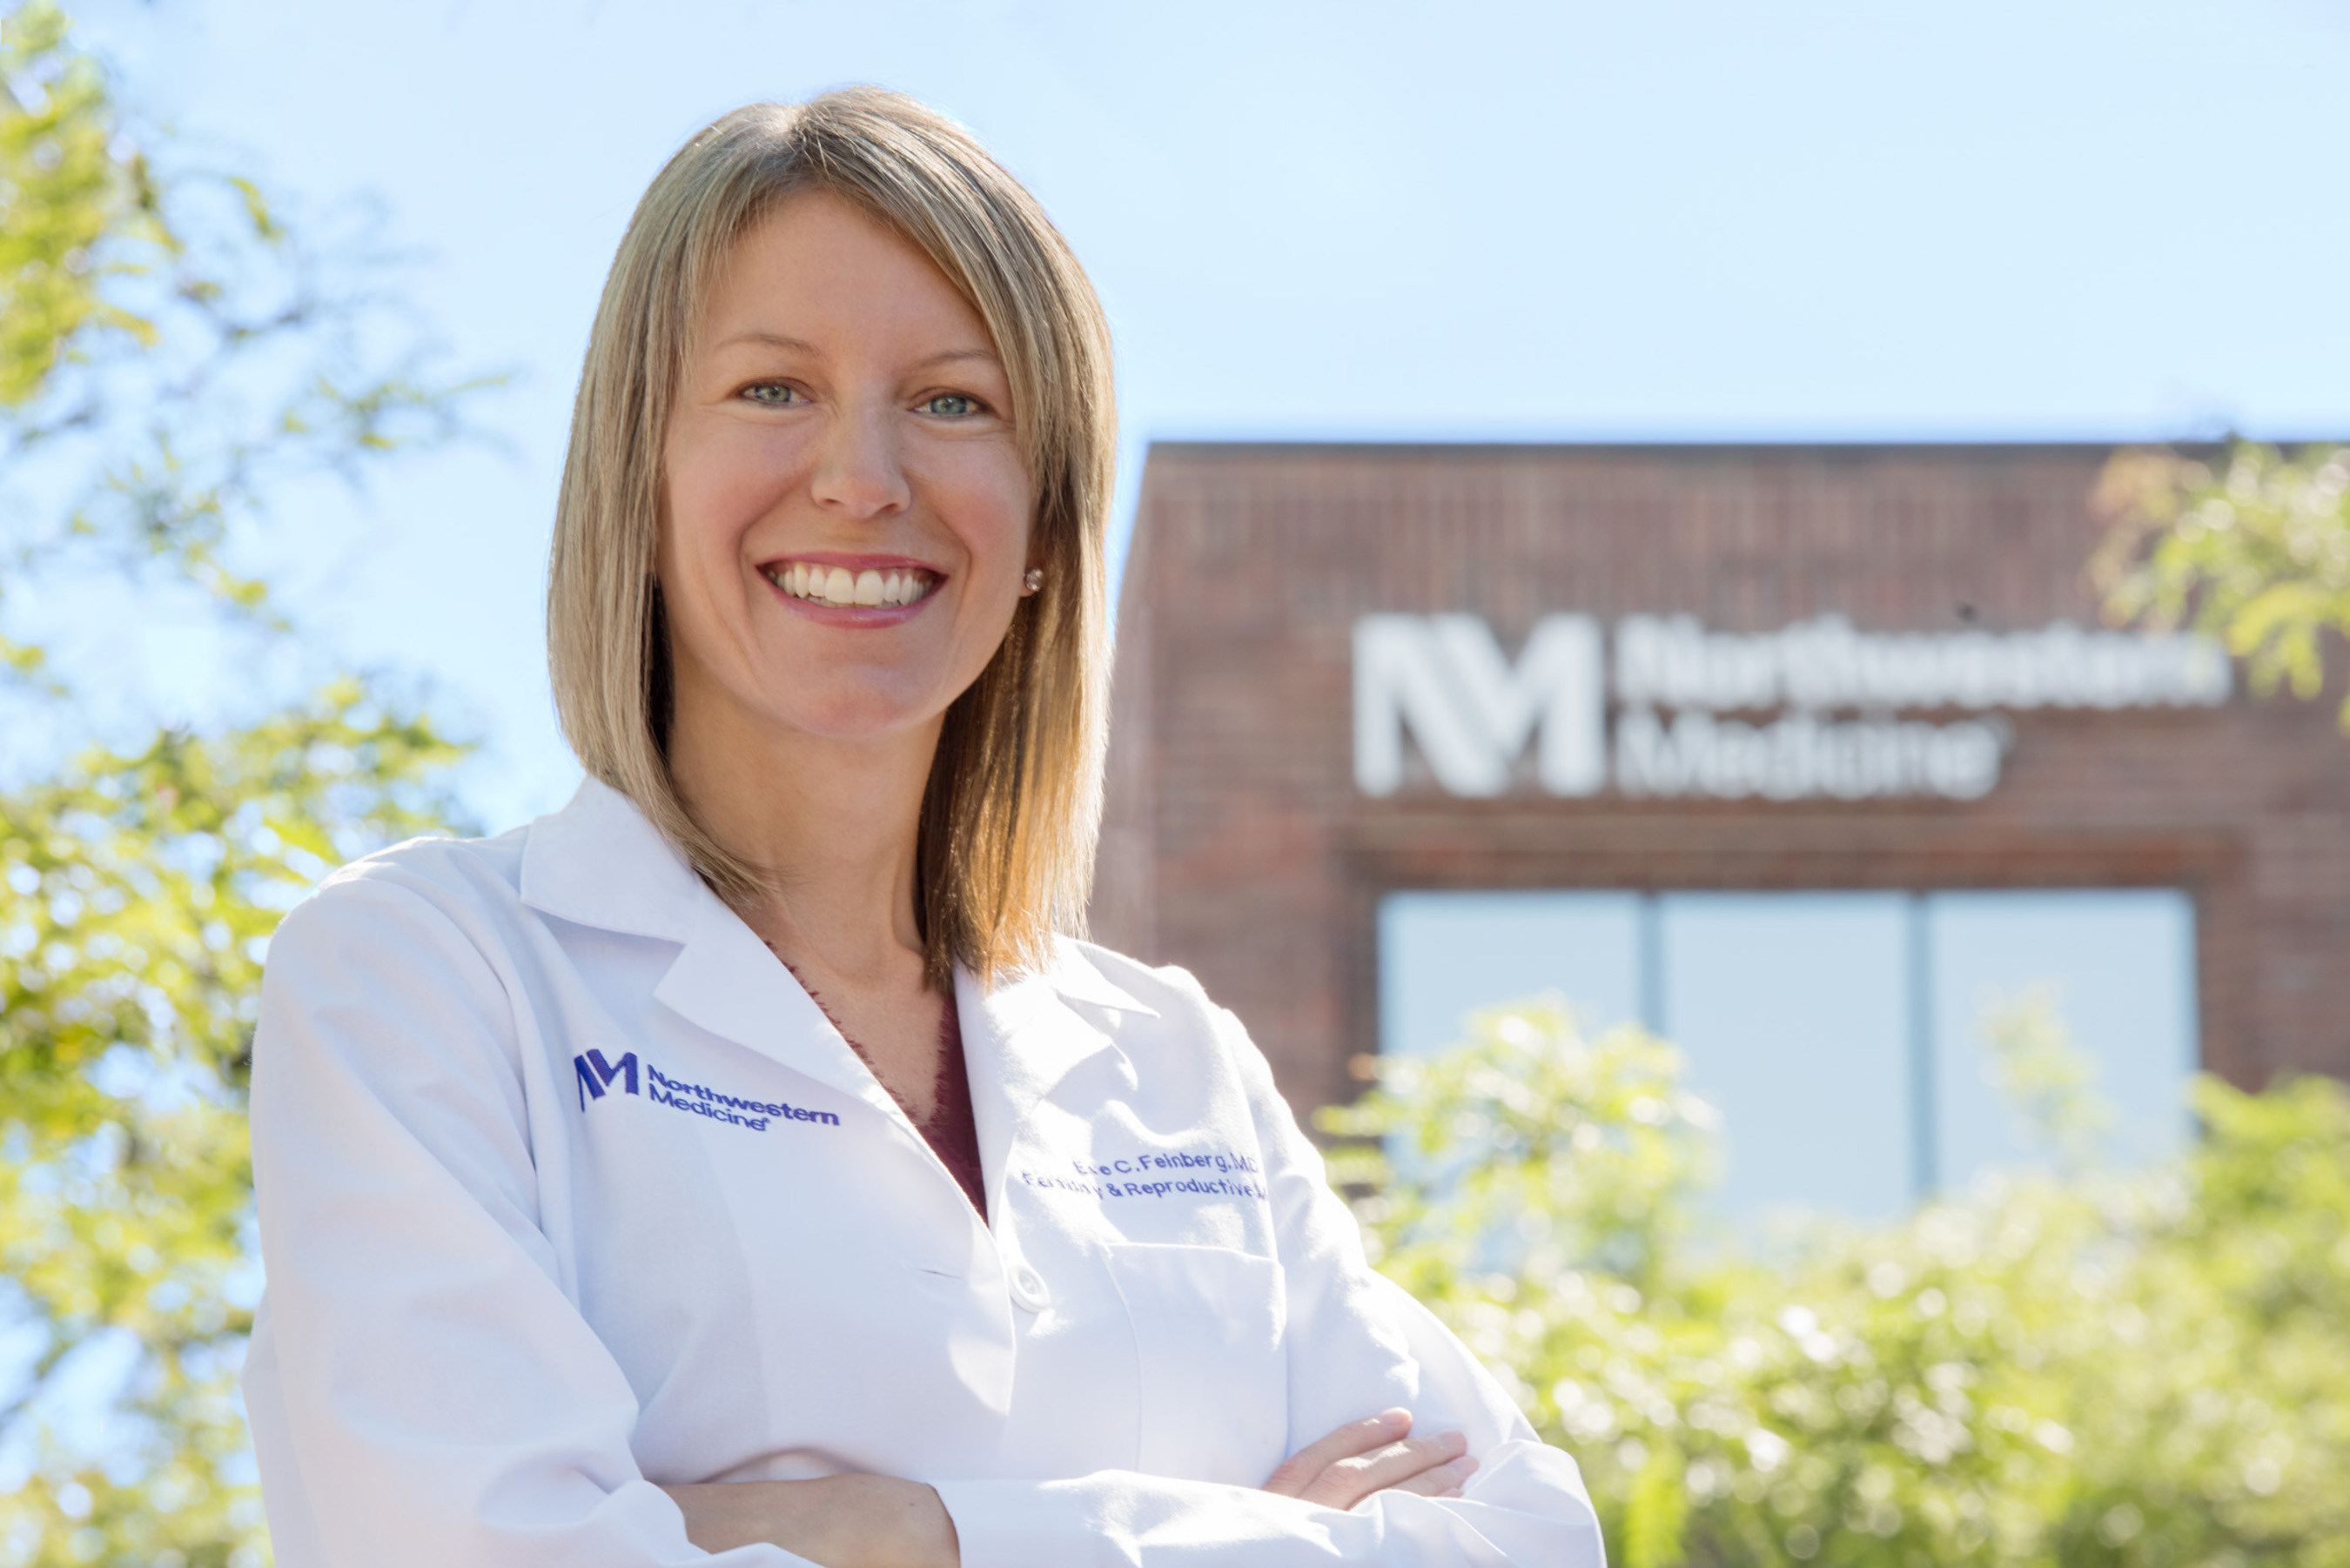 Eve Feinberg, MD, Named Medical Director of Northwestern Medicine